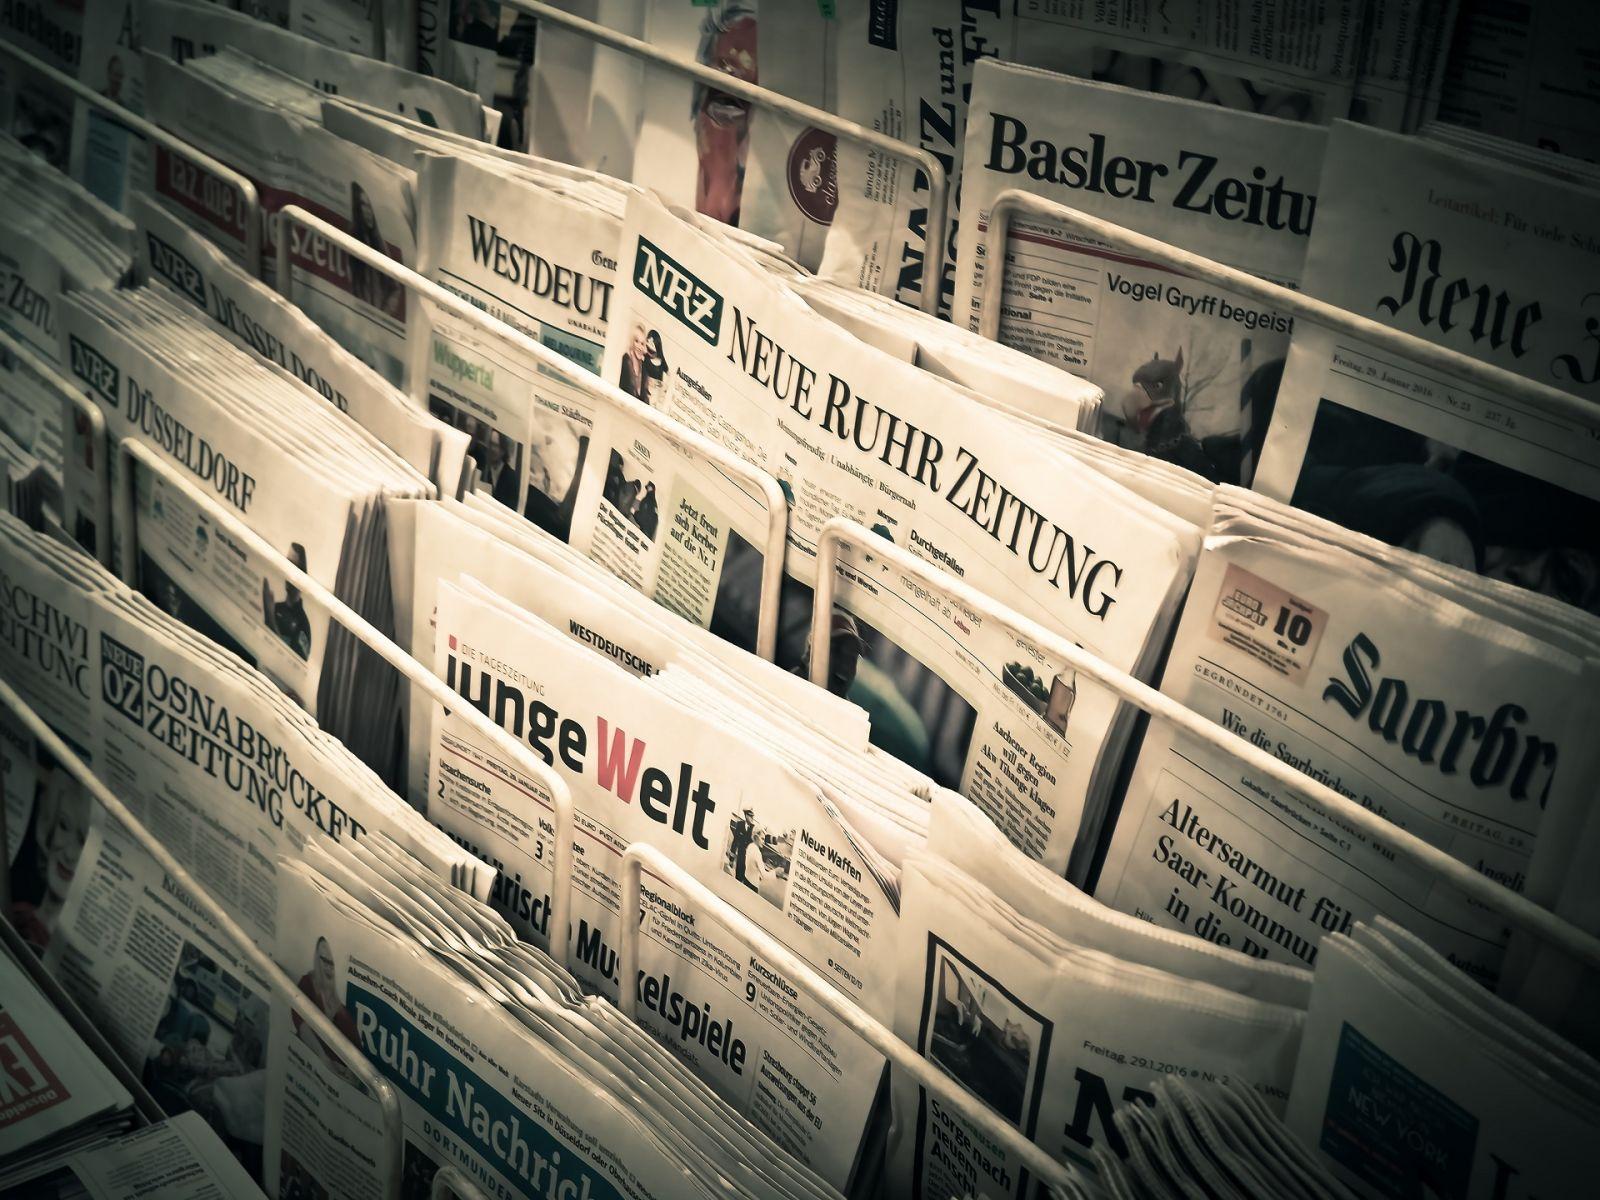 一年四百七十四條消息,近畿大學讓媒體爭相報導的秘密